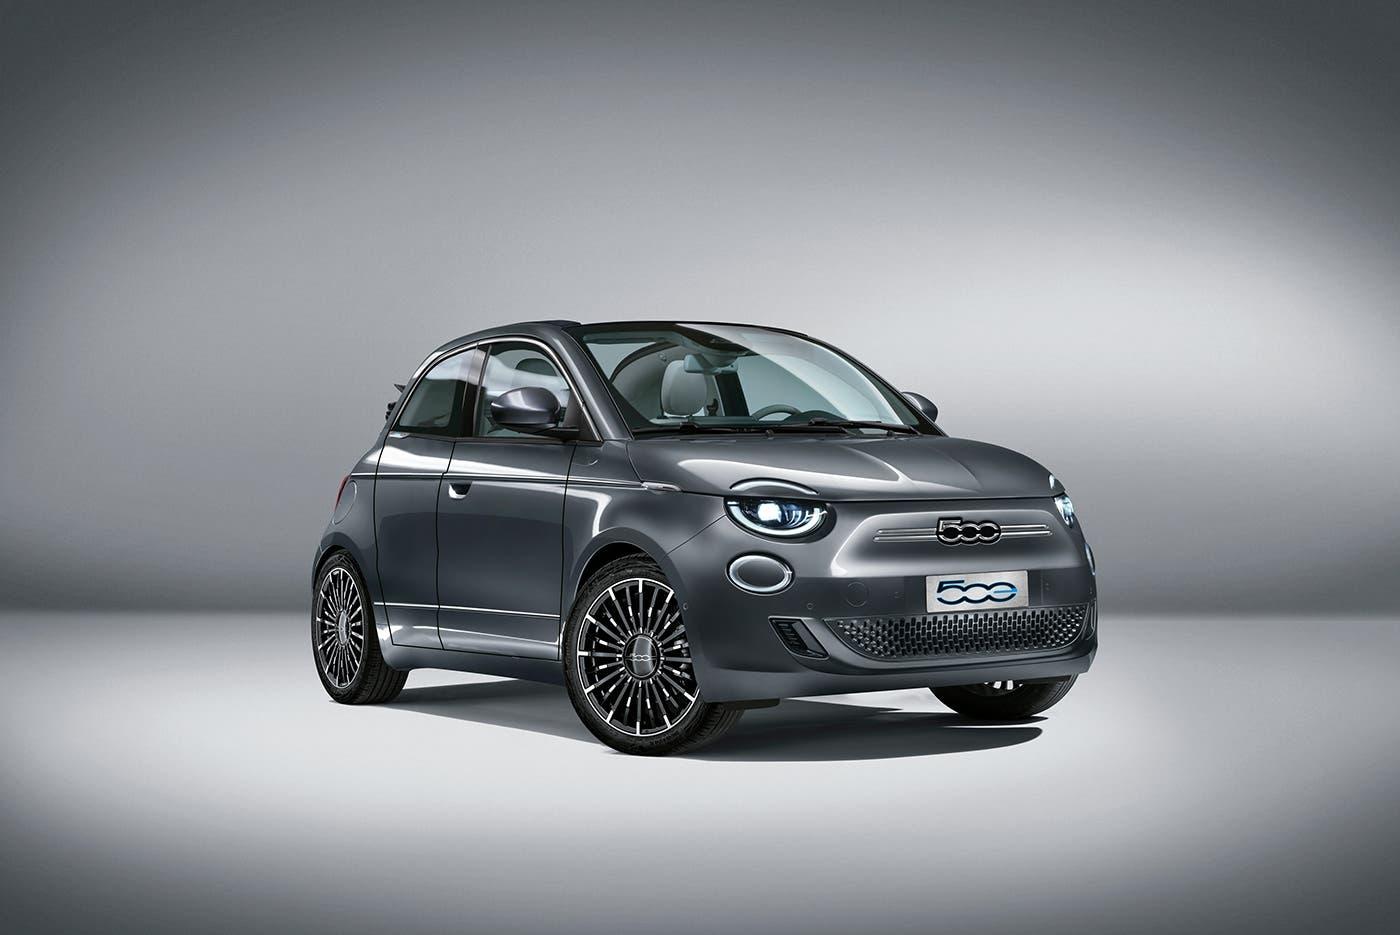 Nuova Fiat 500 Elettrica porta in più render